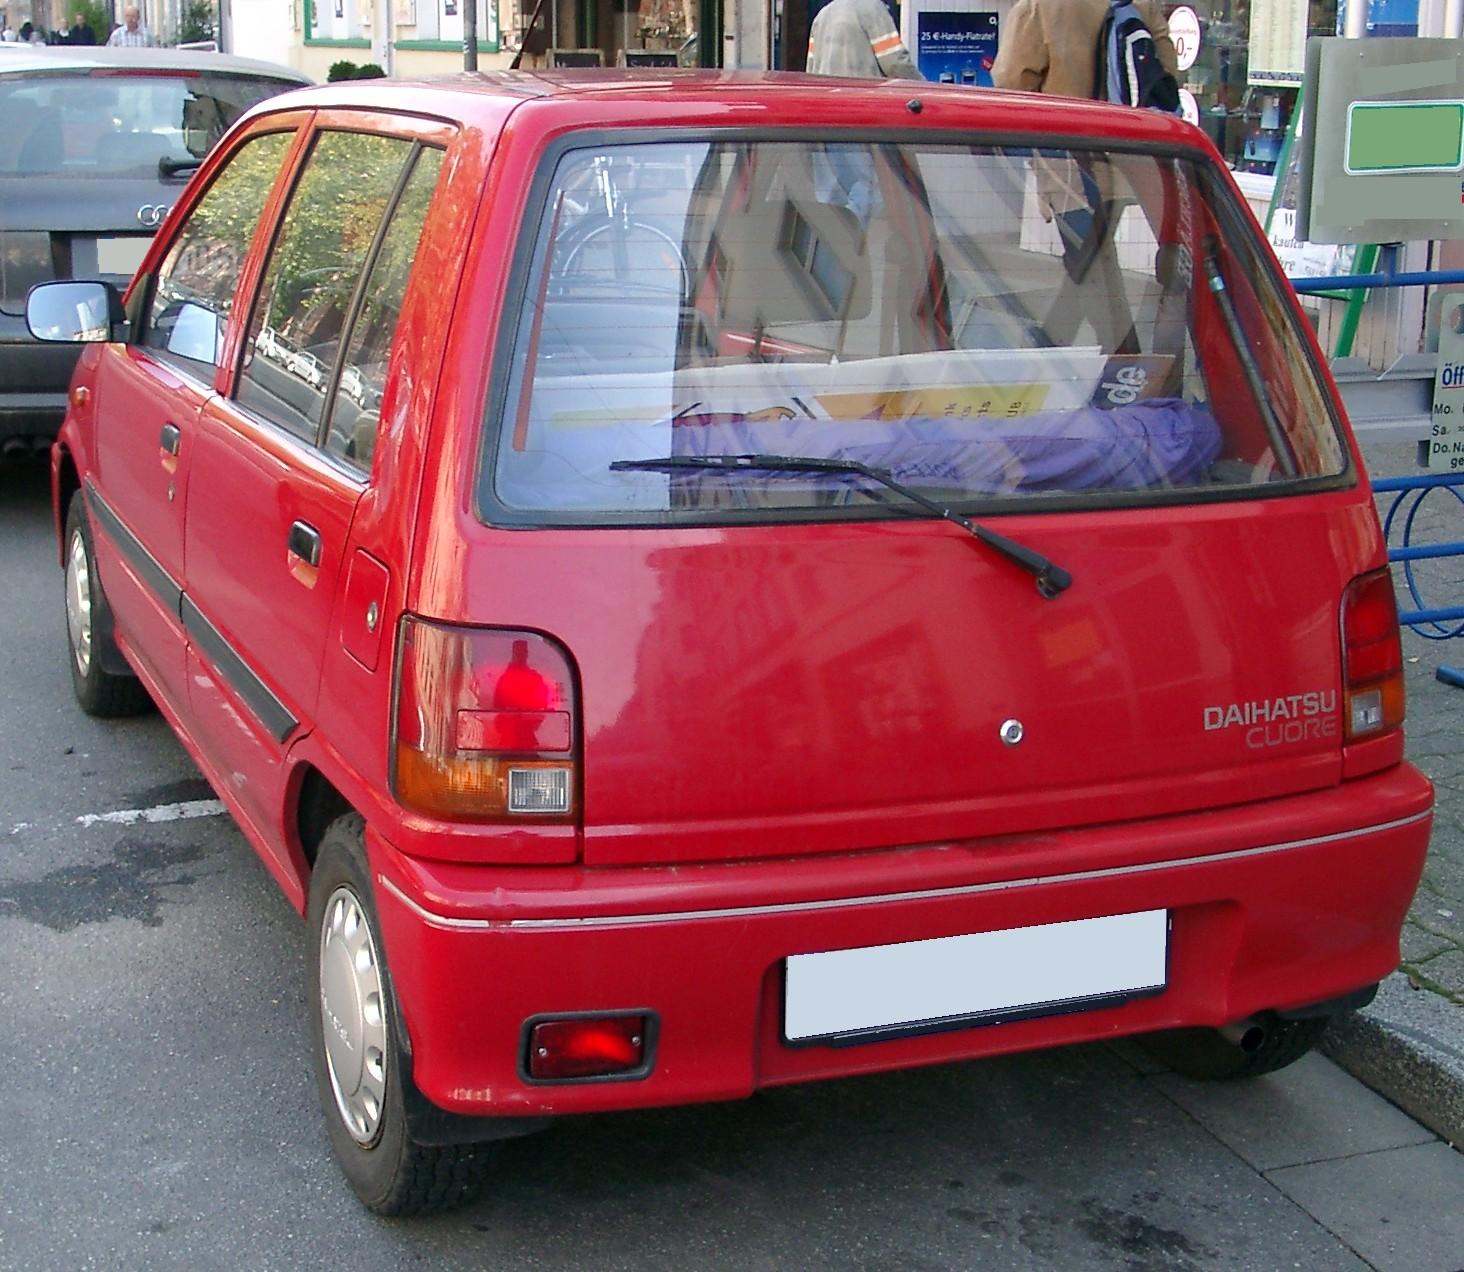 Daihatsu: File:Daihatsu Cuore Rear 20071009.jpg